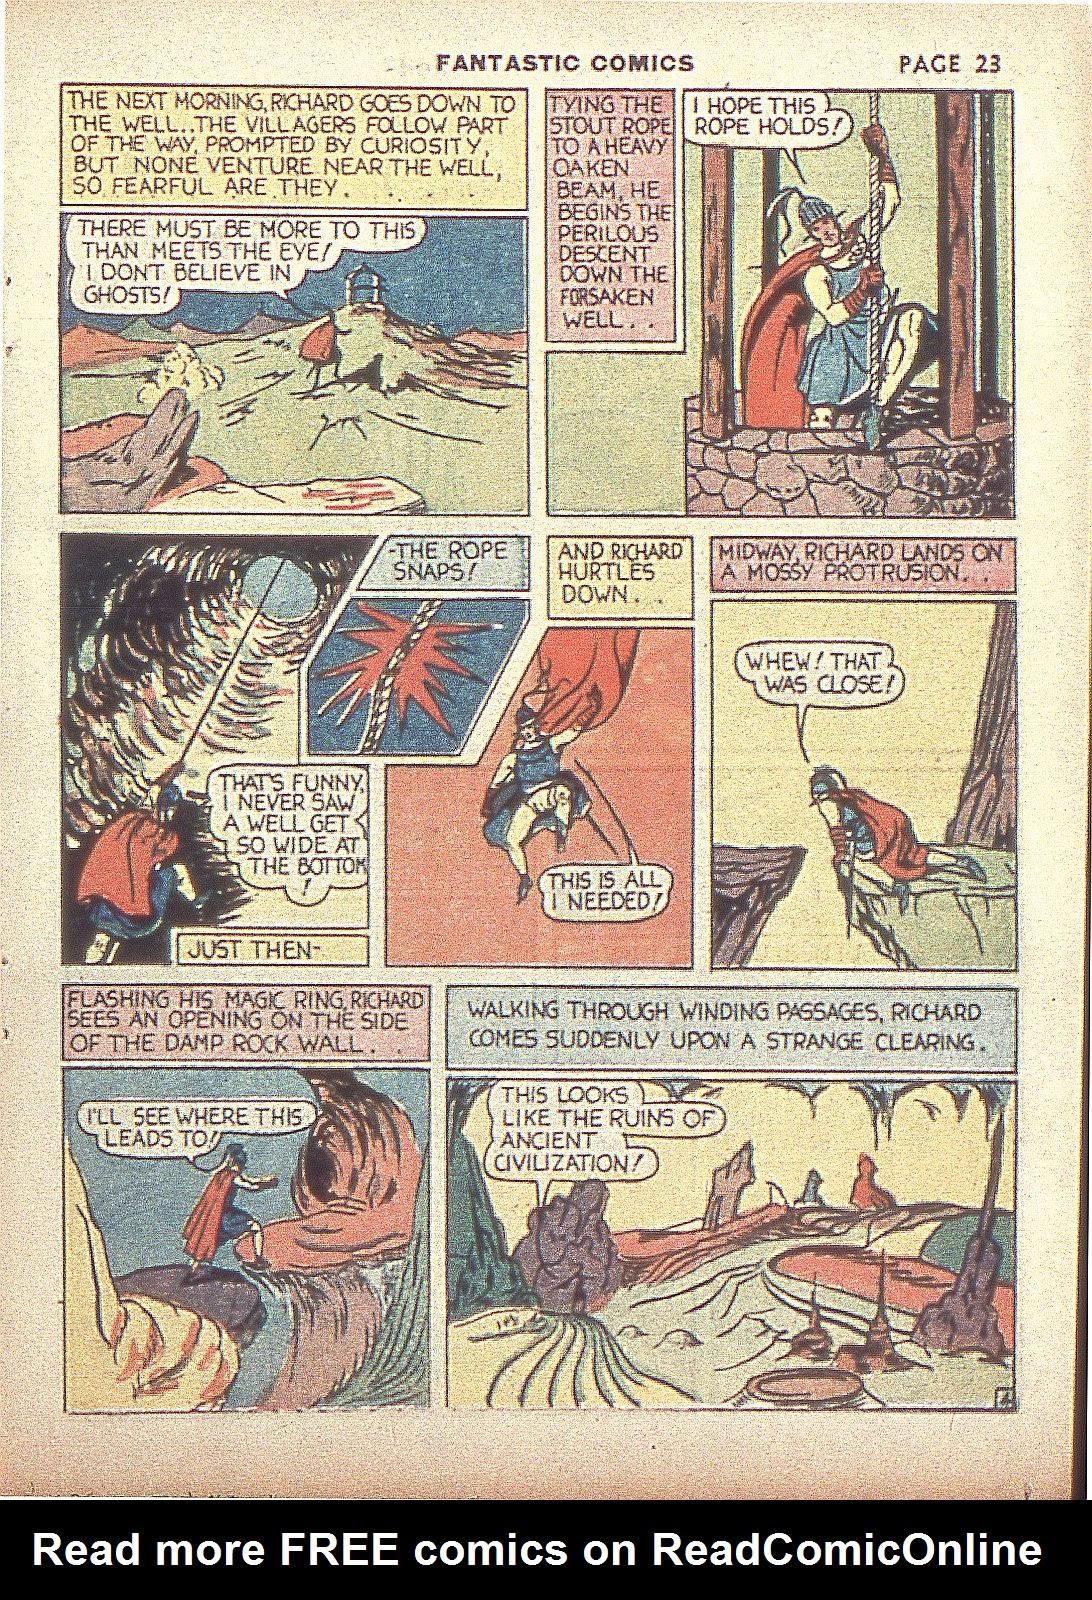 Read online Fantastic Comics comic -  Issue #4 - 25